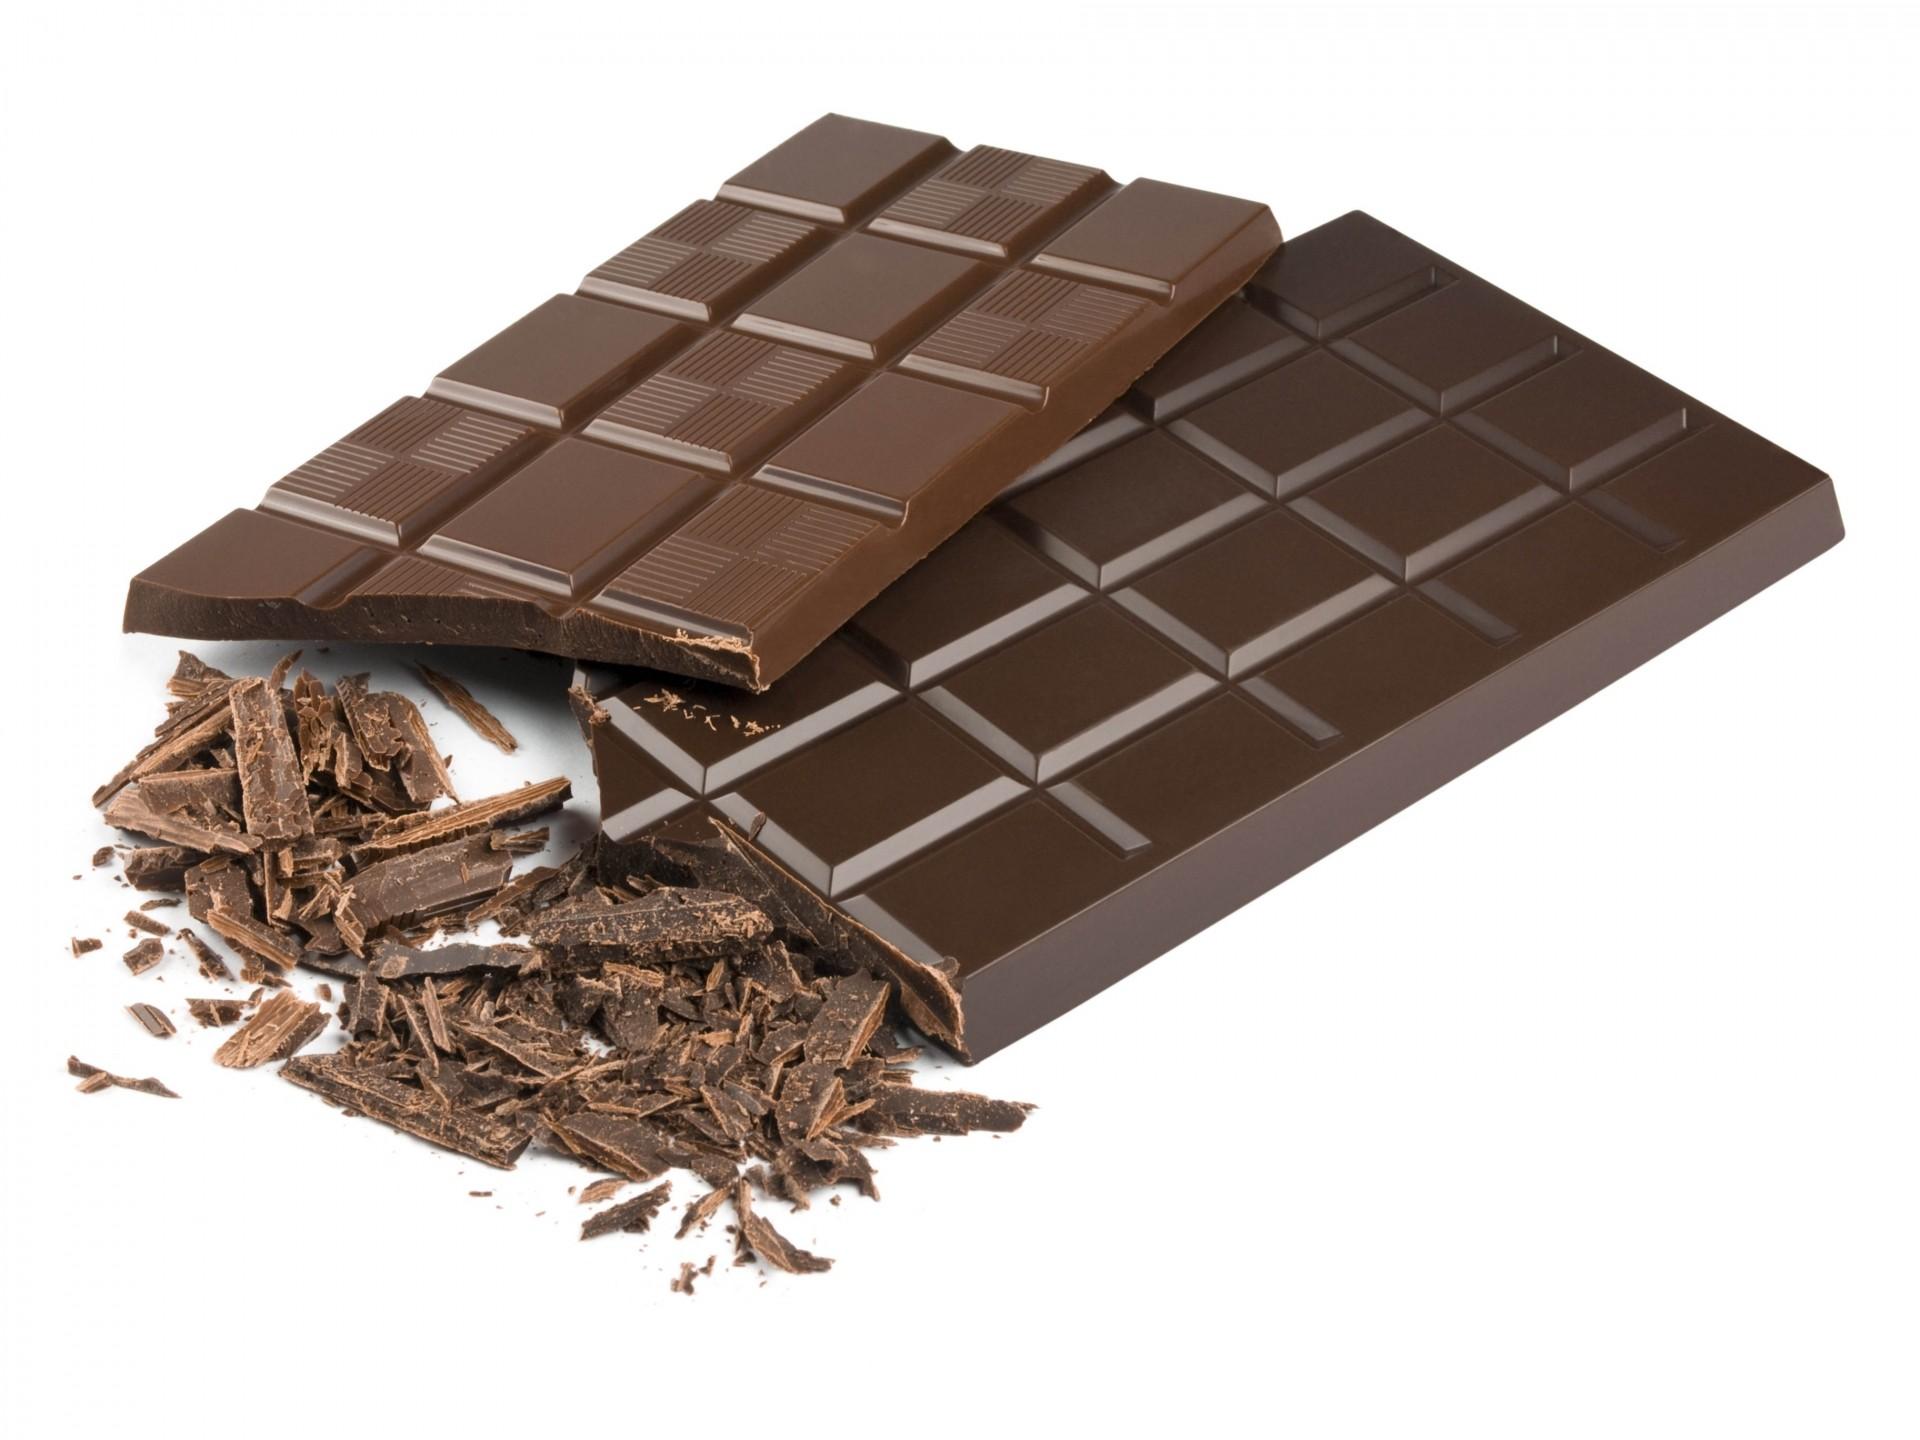 вкусные шоколад картинка прозрачный фон меня